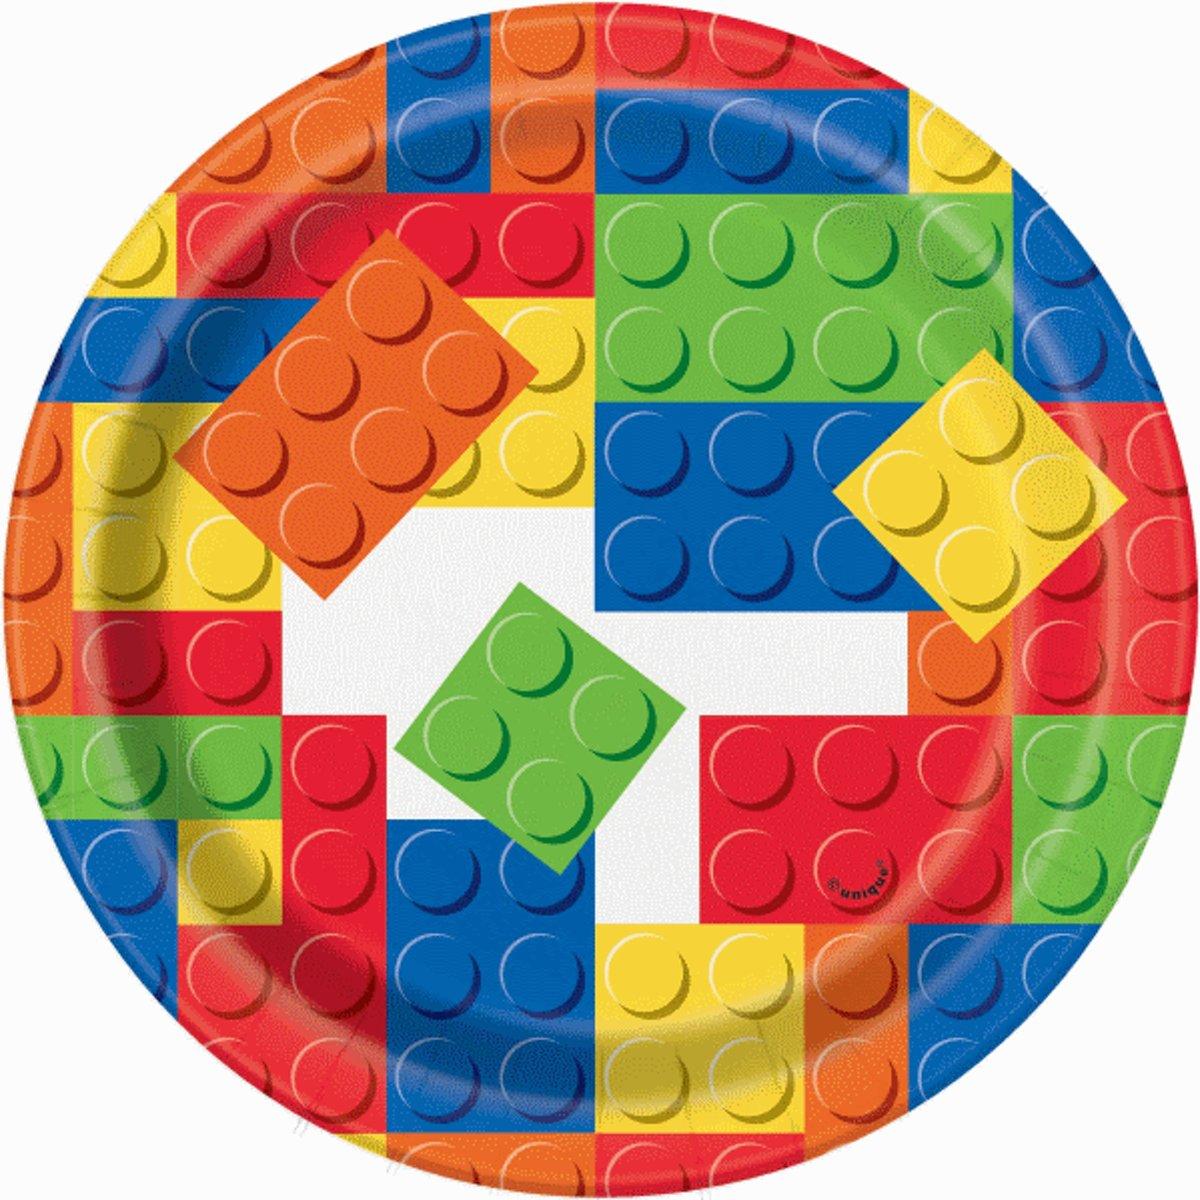 Lego Gebaksbordjes kopen